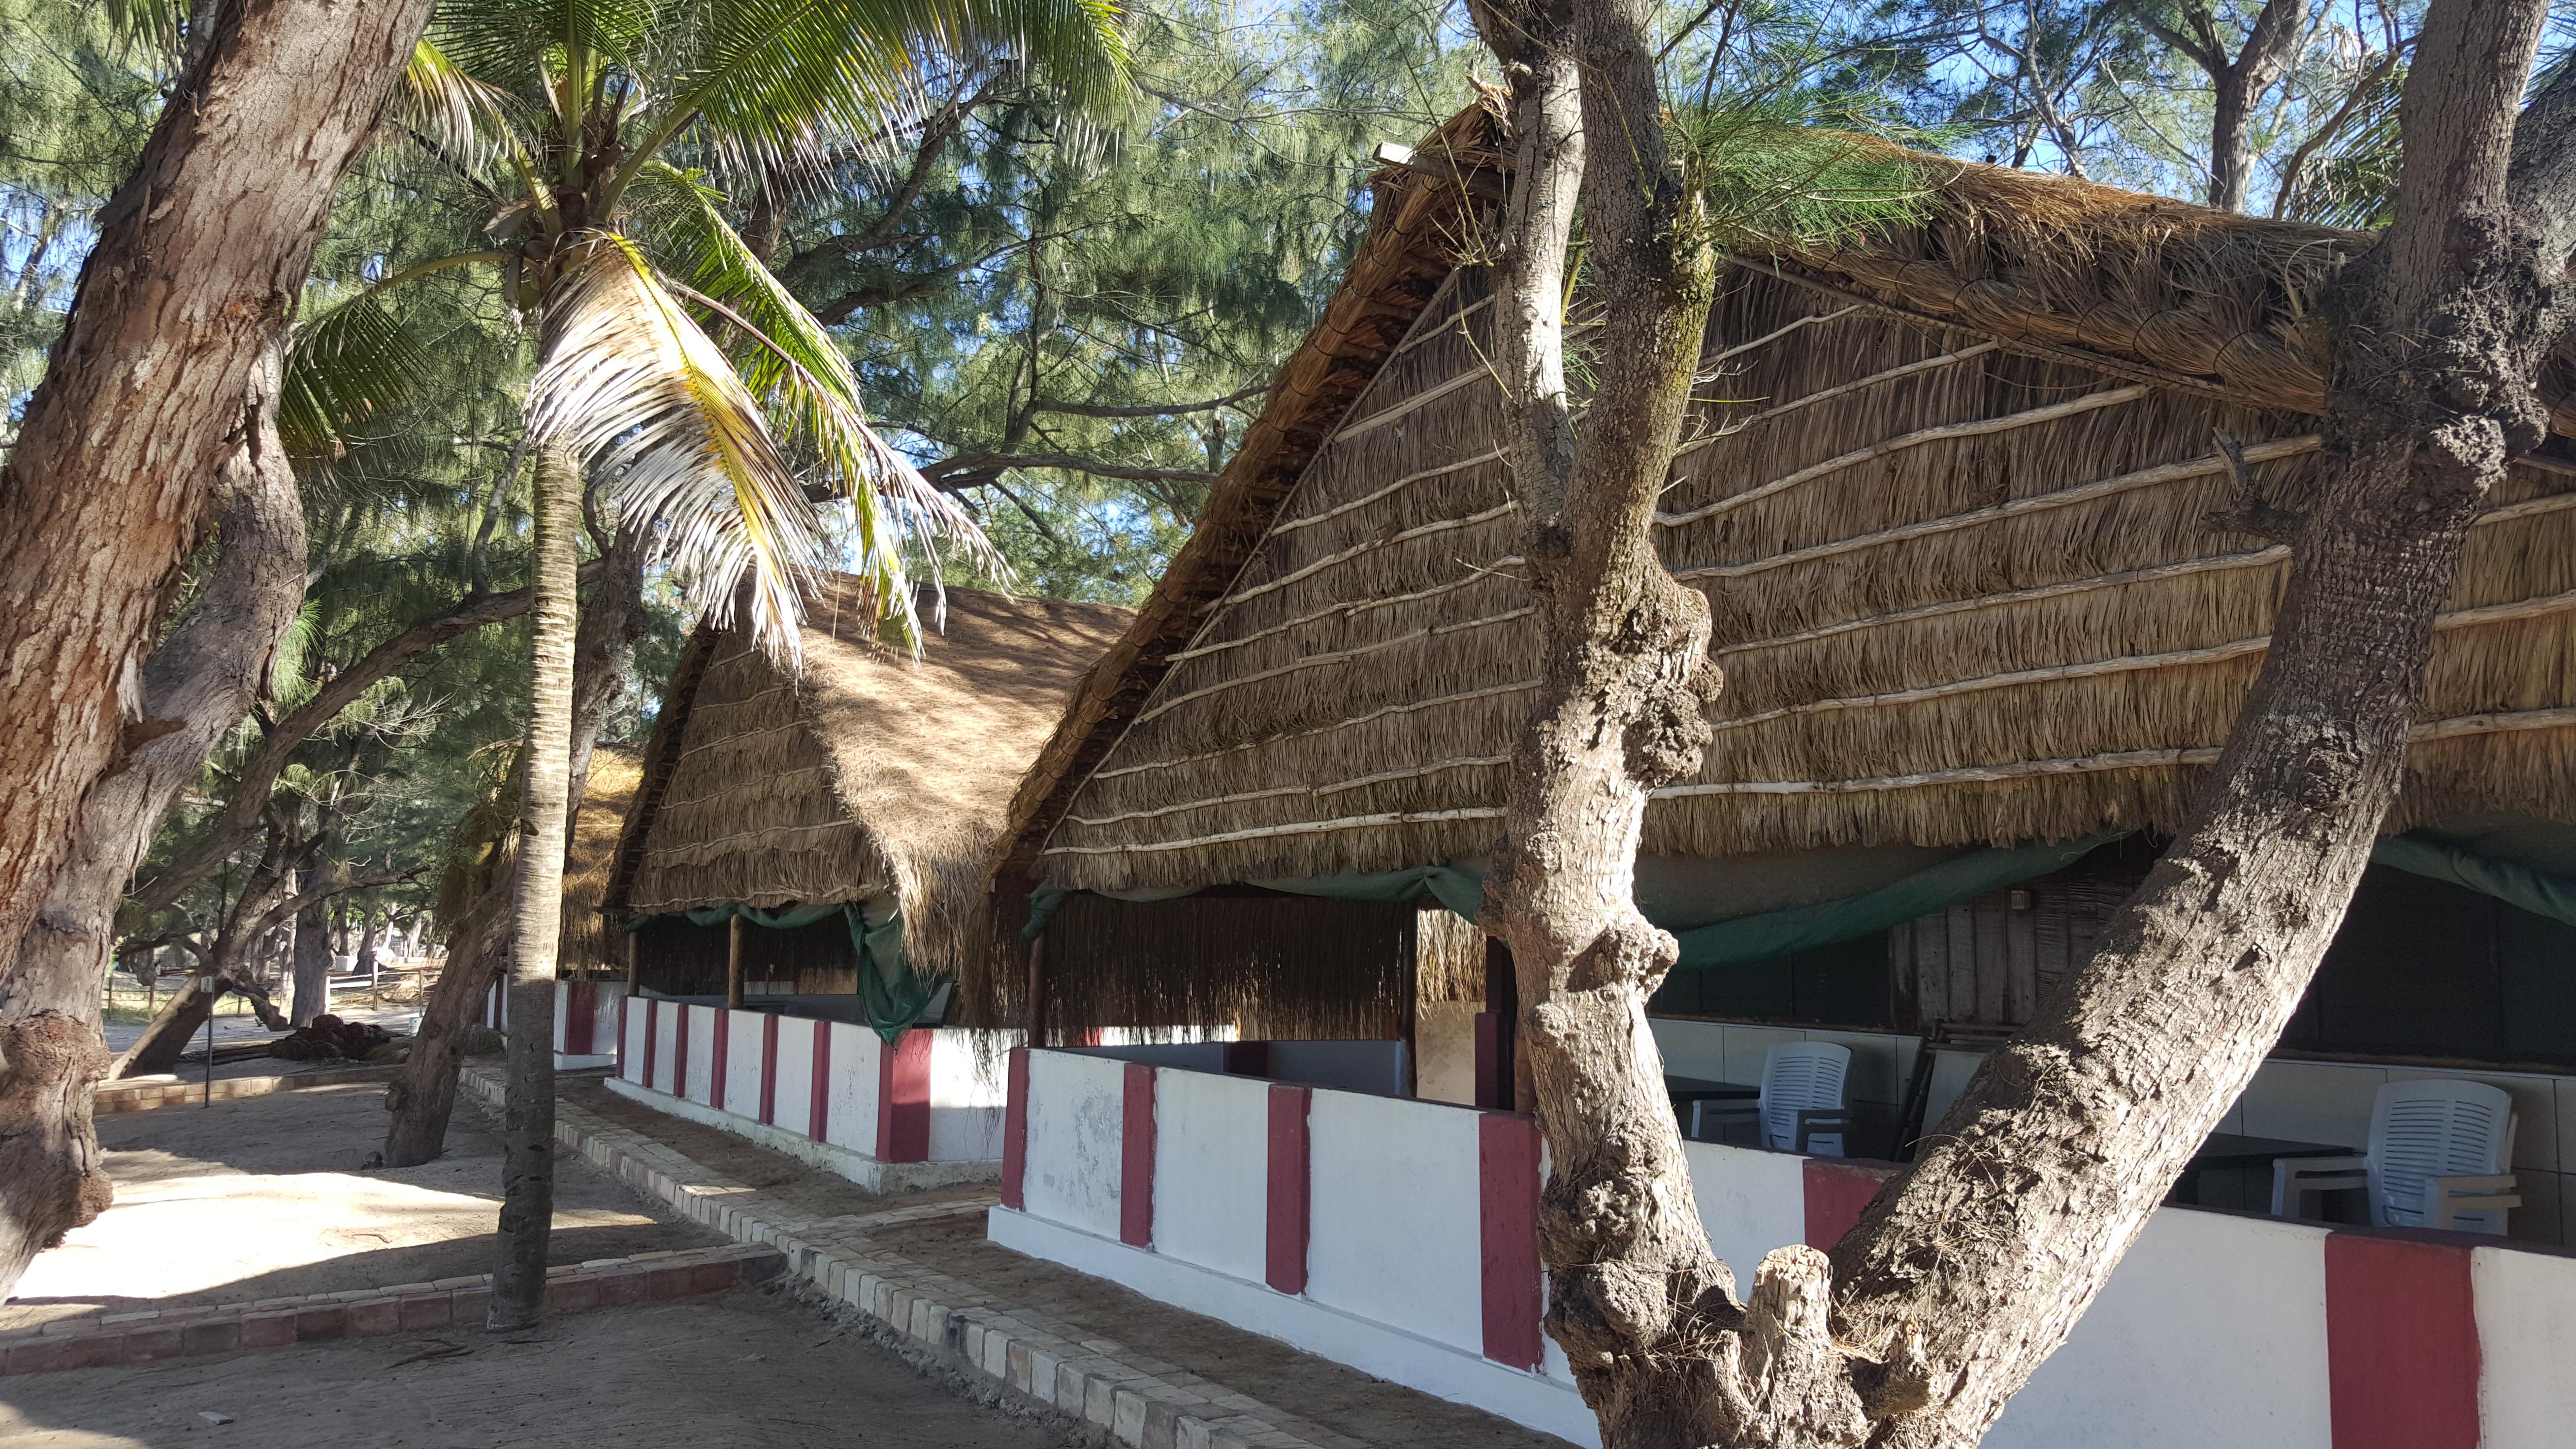 Meu amado bangalô no Nordin's Lodge, onde passei 15 dias sem trancar a janela, bem na frente da piscina cristalina da foto anterior